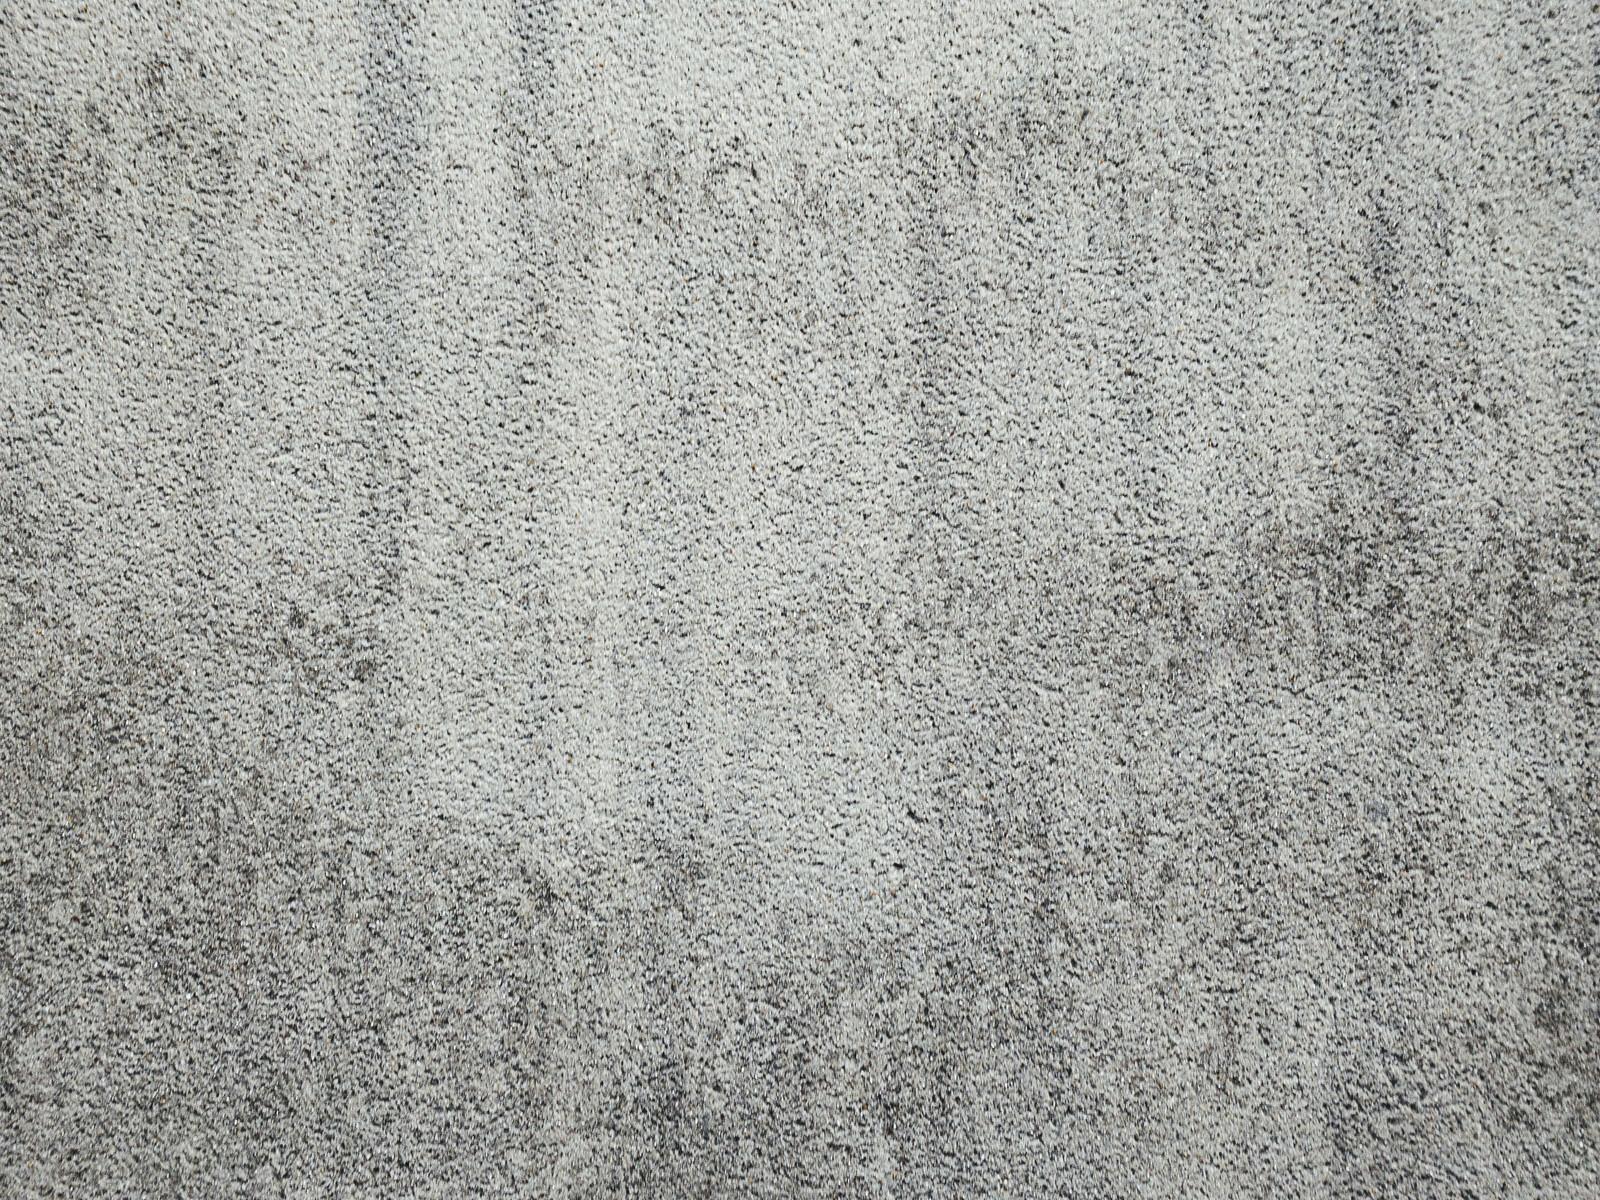 「斑に付いたシミのコンクリート壁(テクスチャ)」の写真